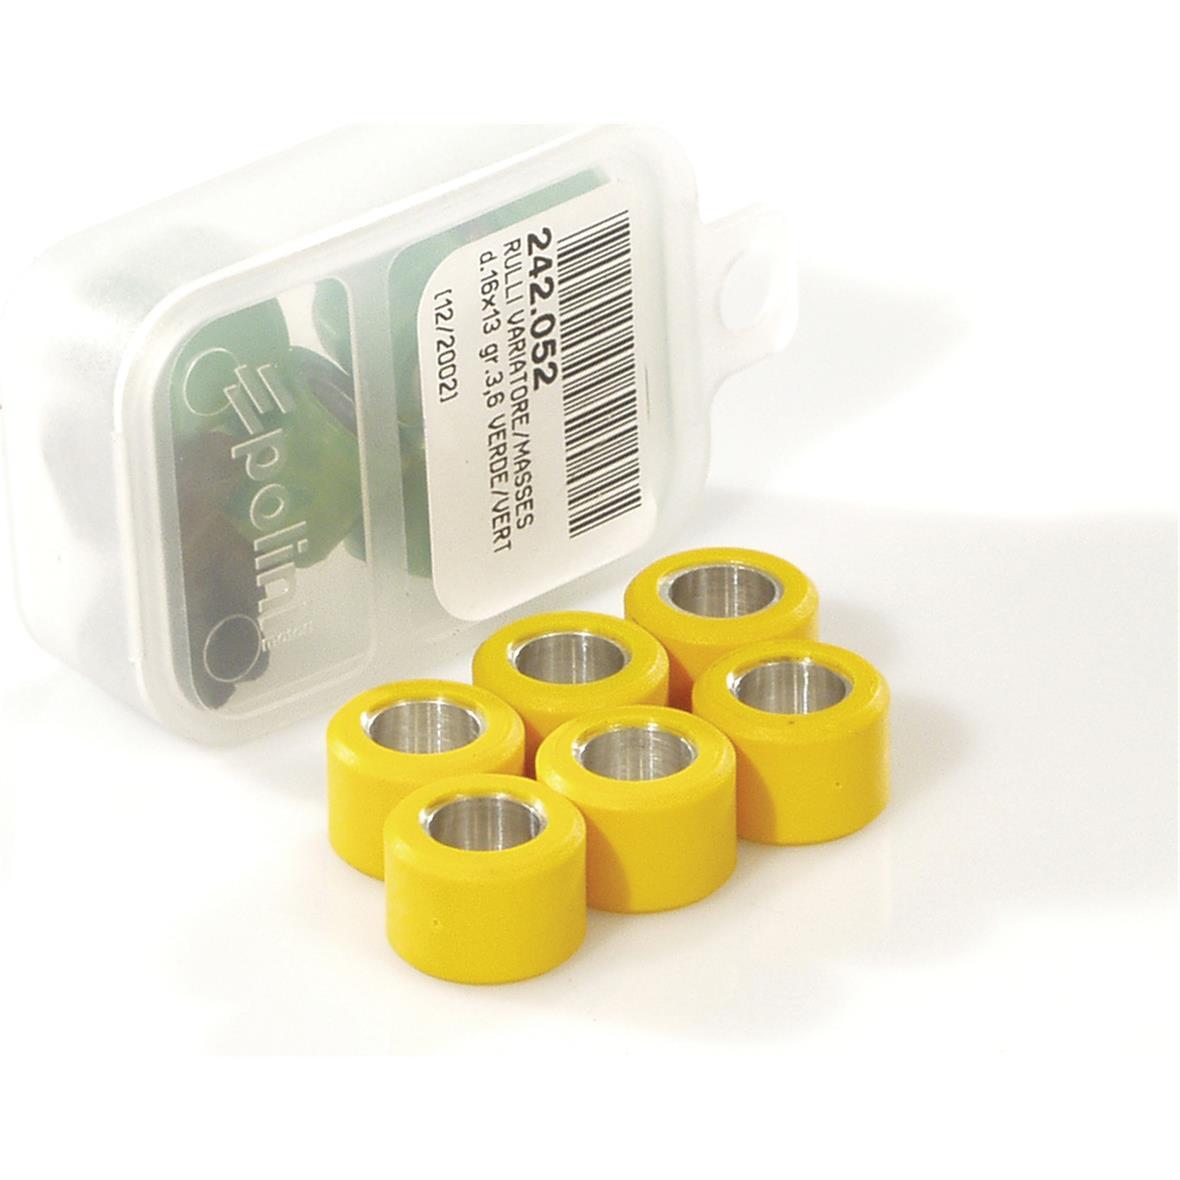 Zdjęcie produktu dla 'Rolki Variatora POLINI 15x12 mm 9,2 gTitle'